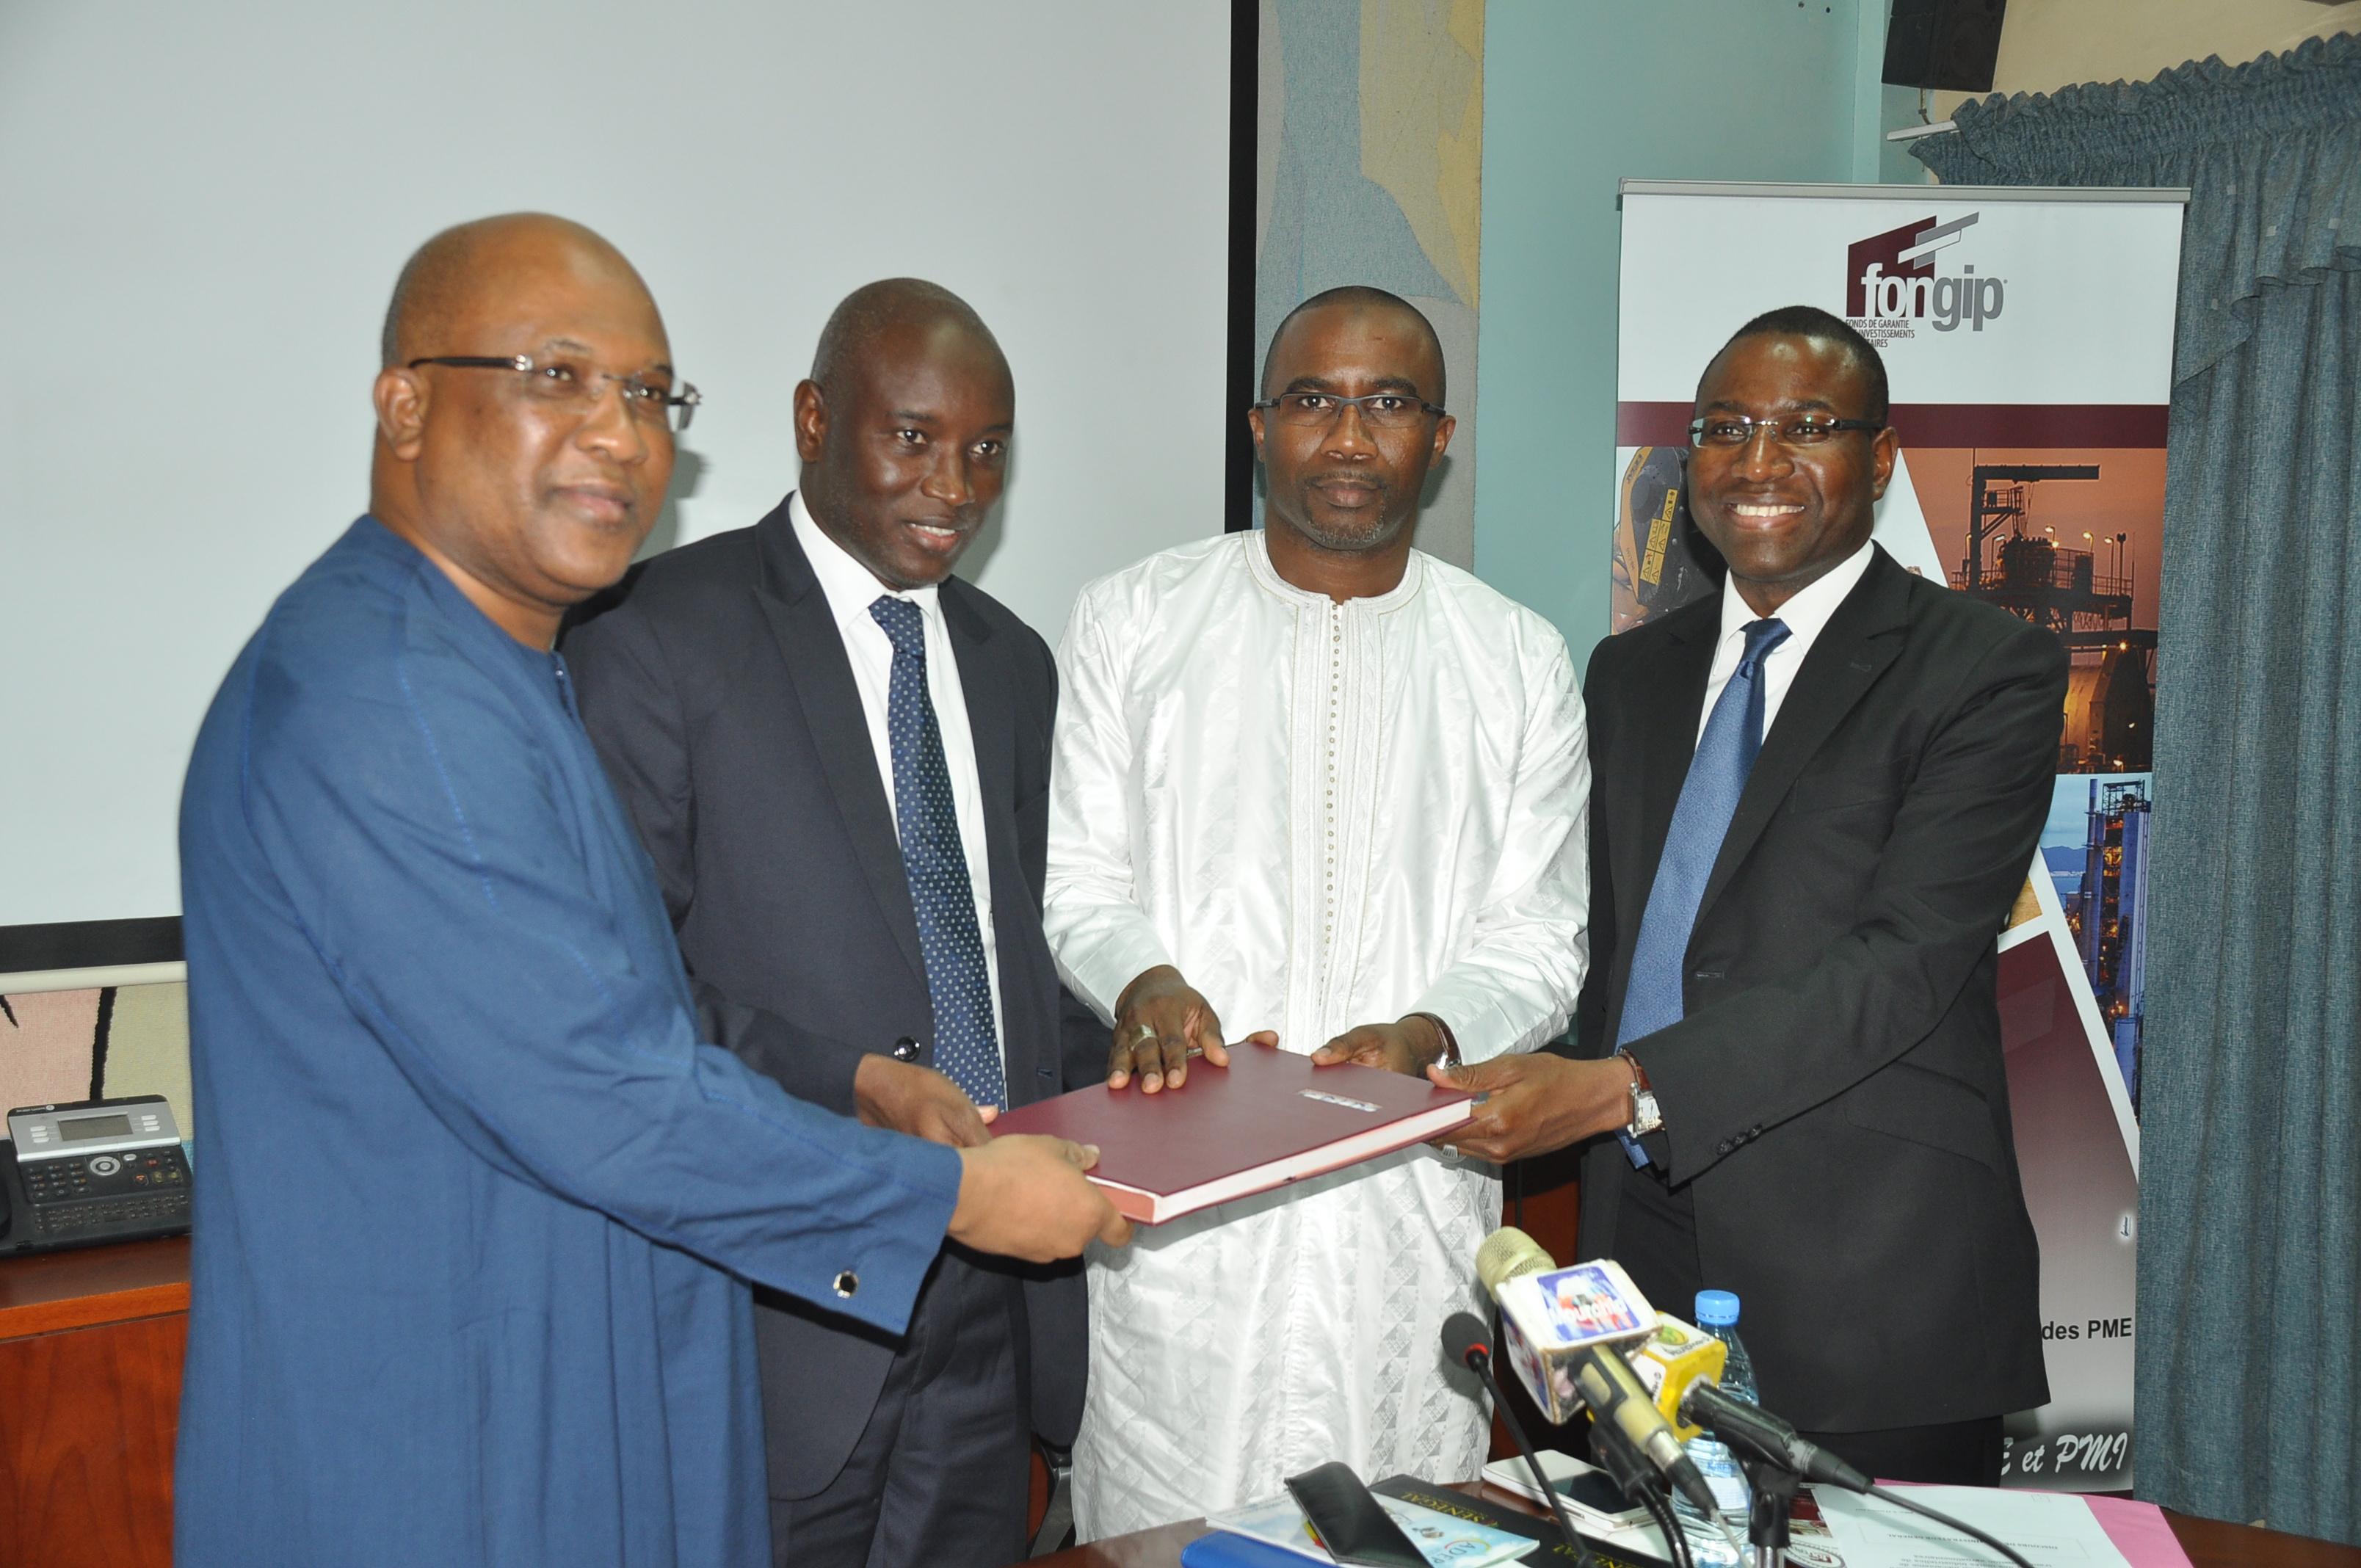 Le Ministère de l'Industrie et des Mines et le FONGIP mettent en place un sous-fonds industriel